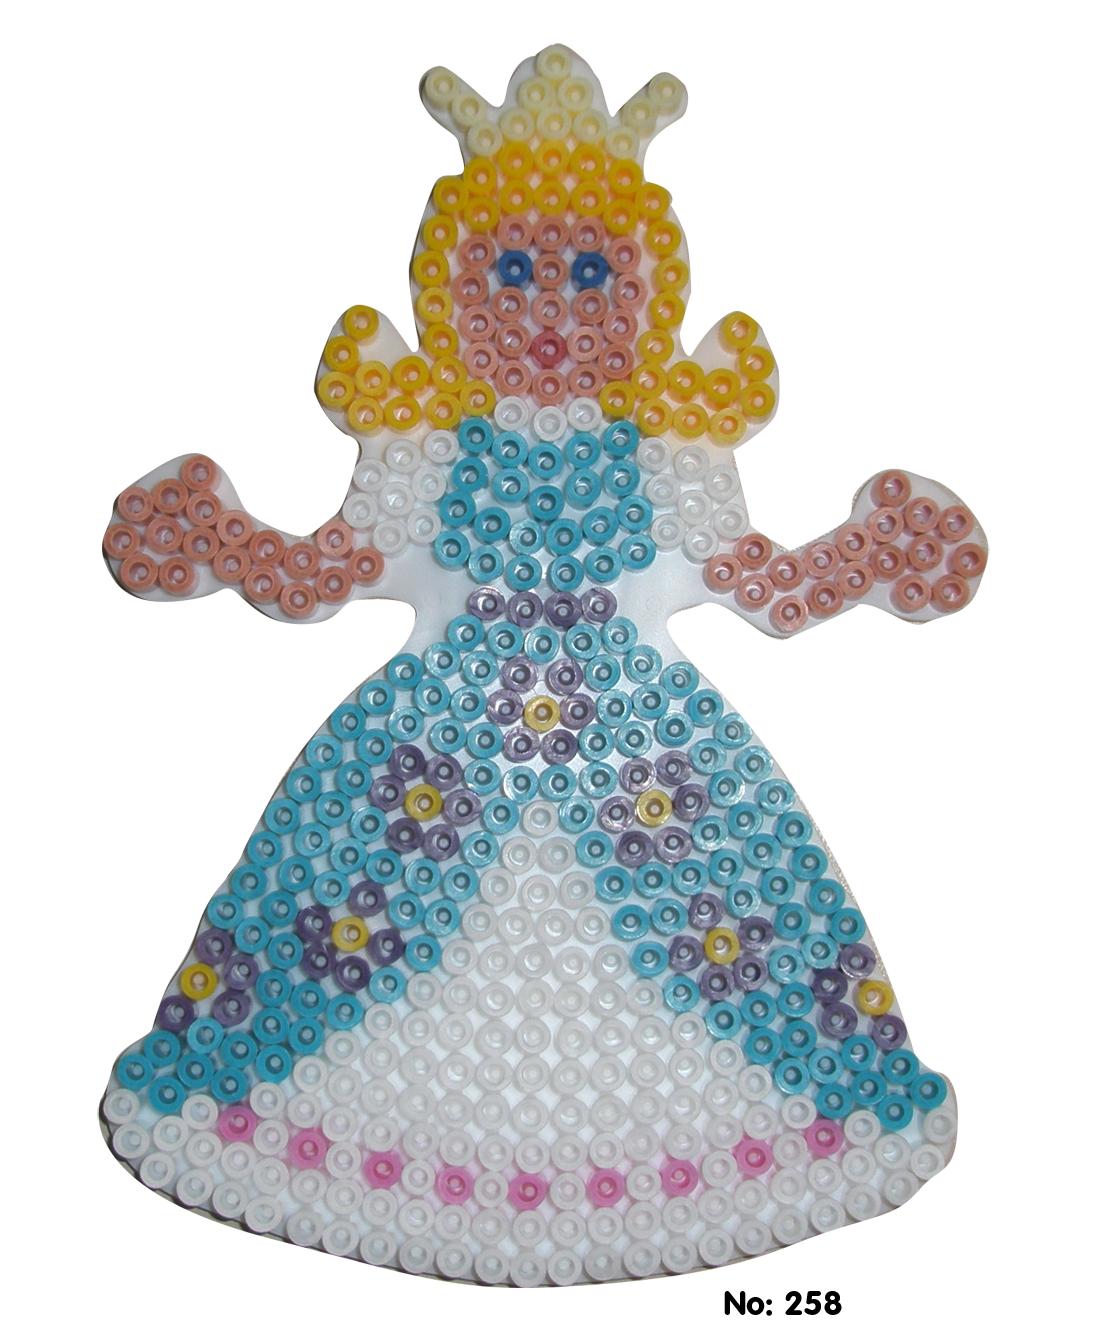 Bugelperlen Disney Prinzessinnen Perler Bead